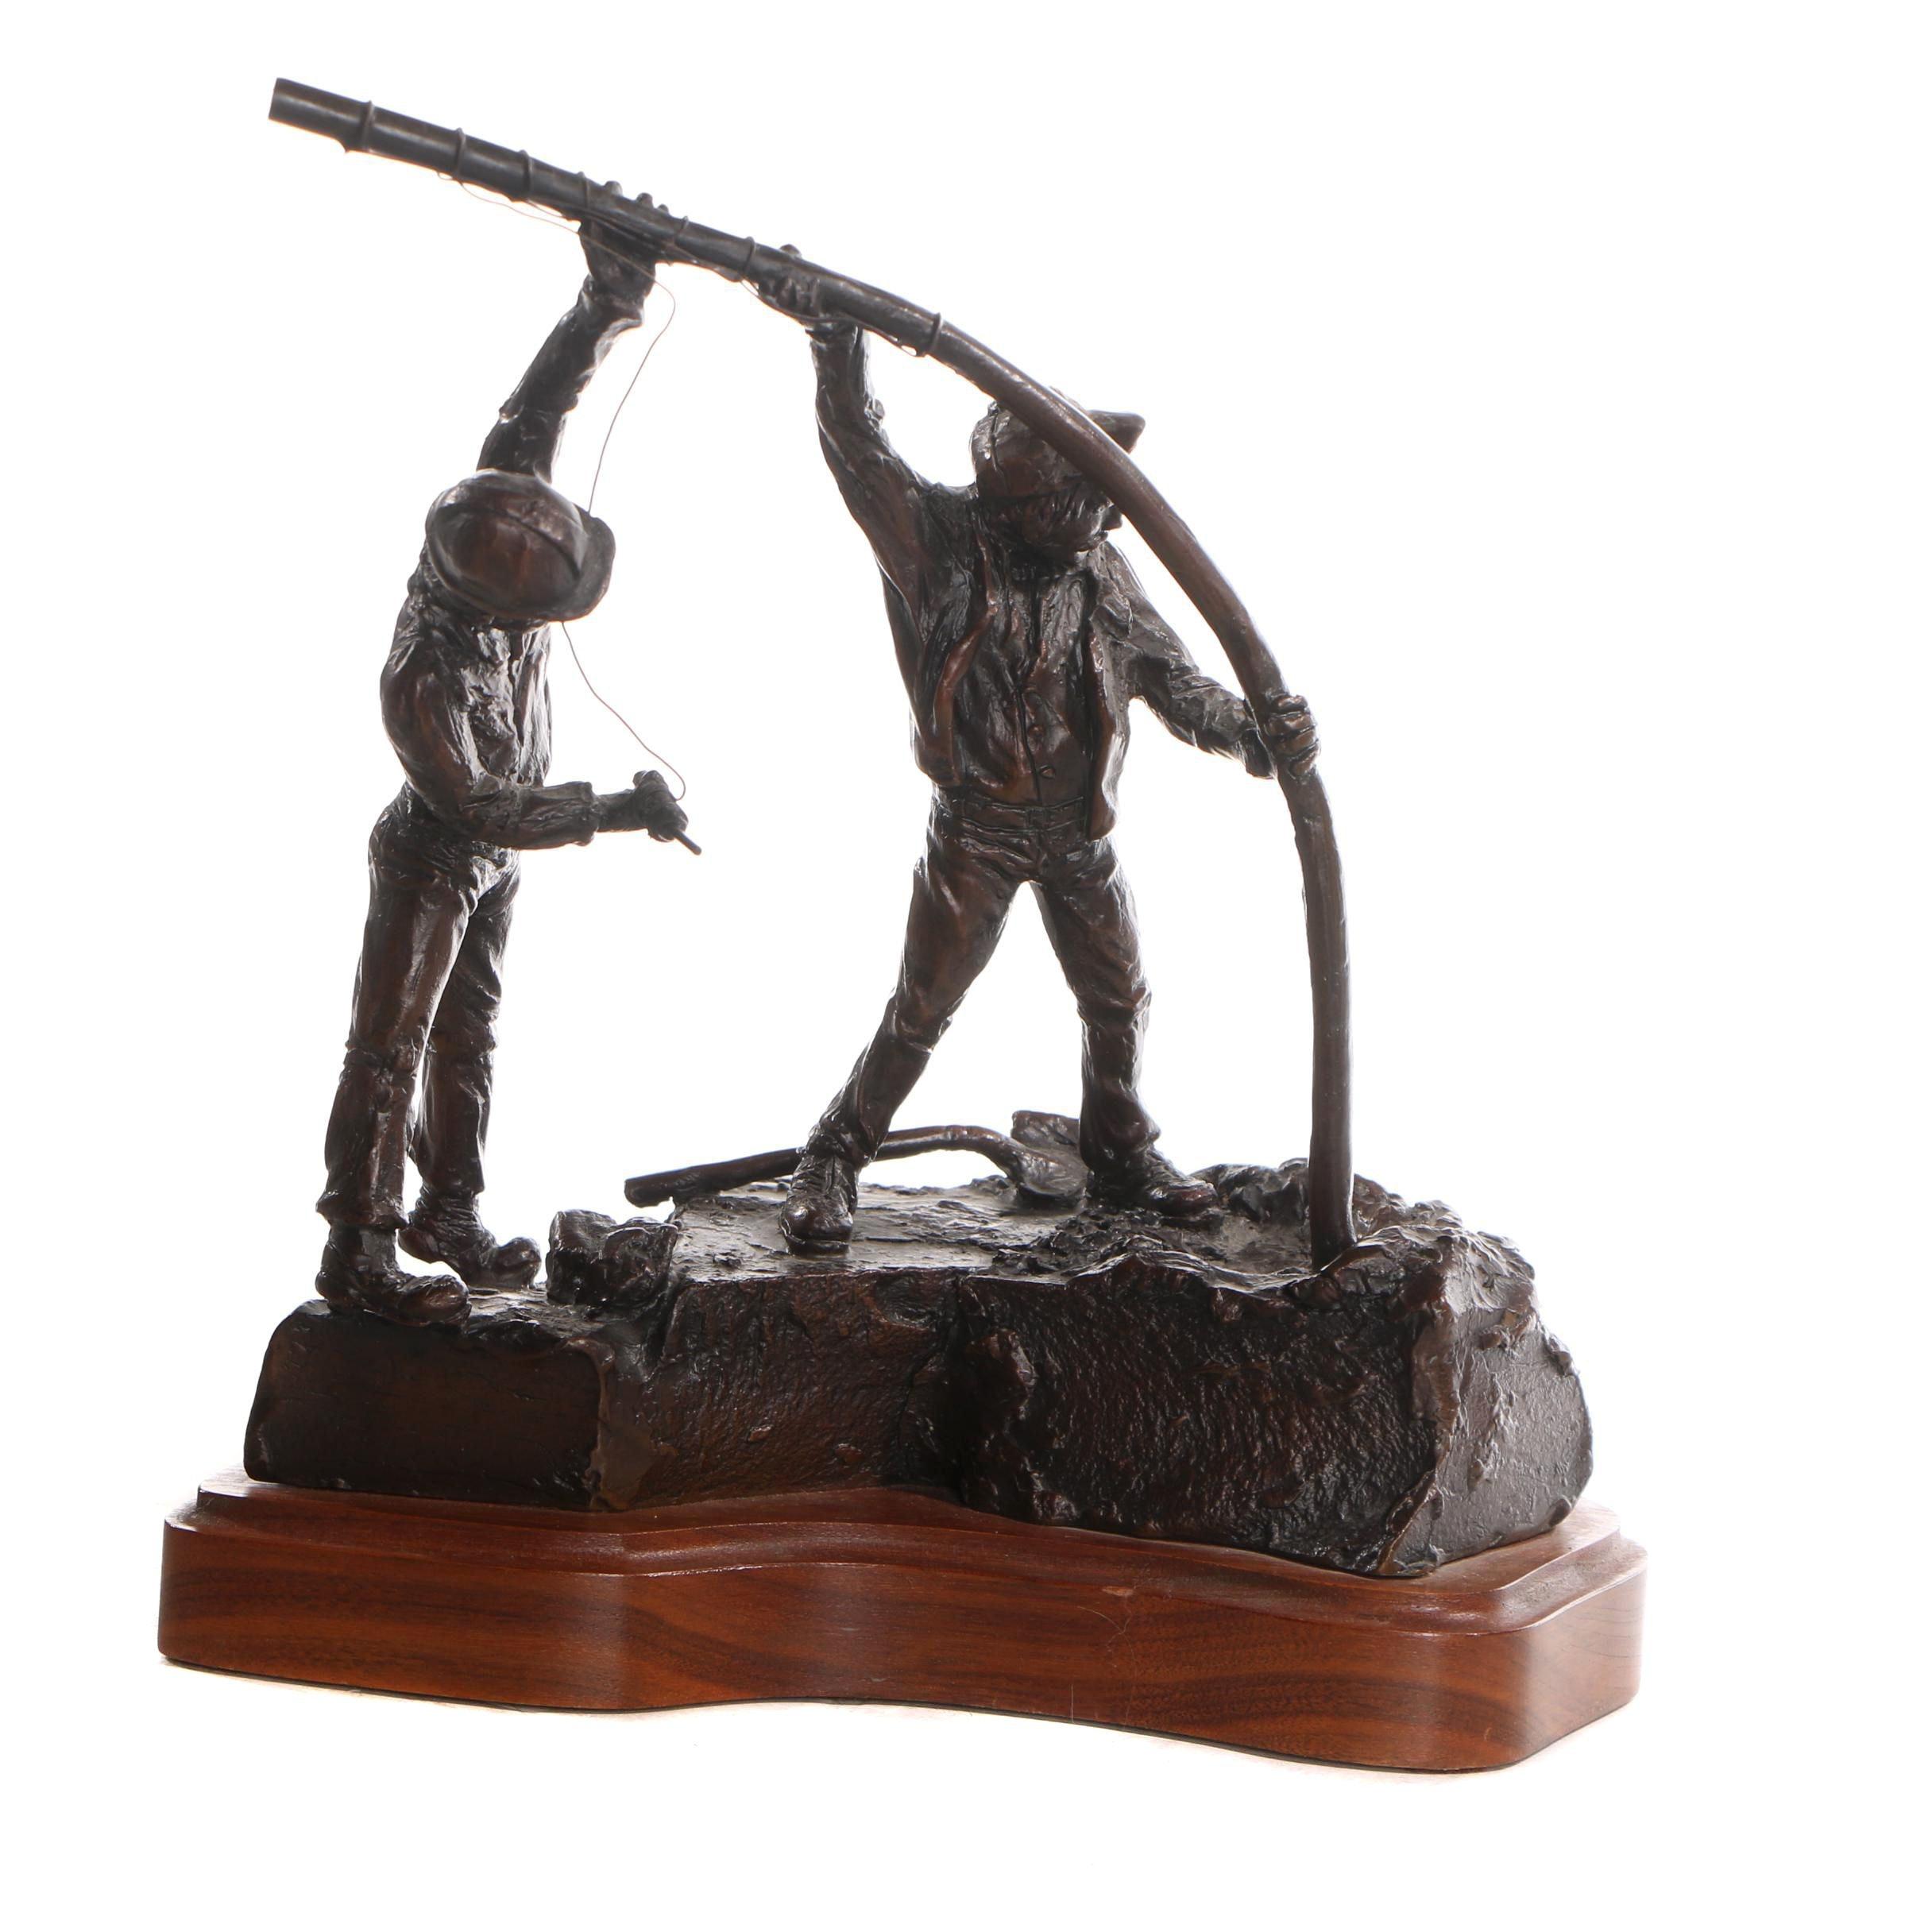 Bronze-Tone Metal Sculpture after Steve Duffy